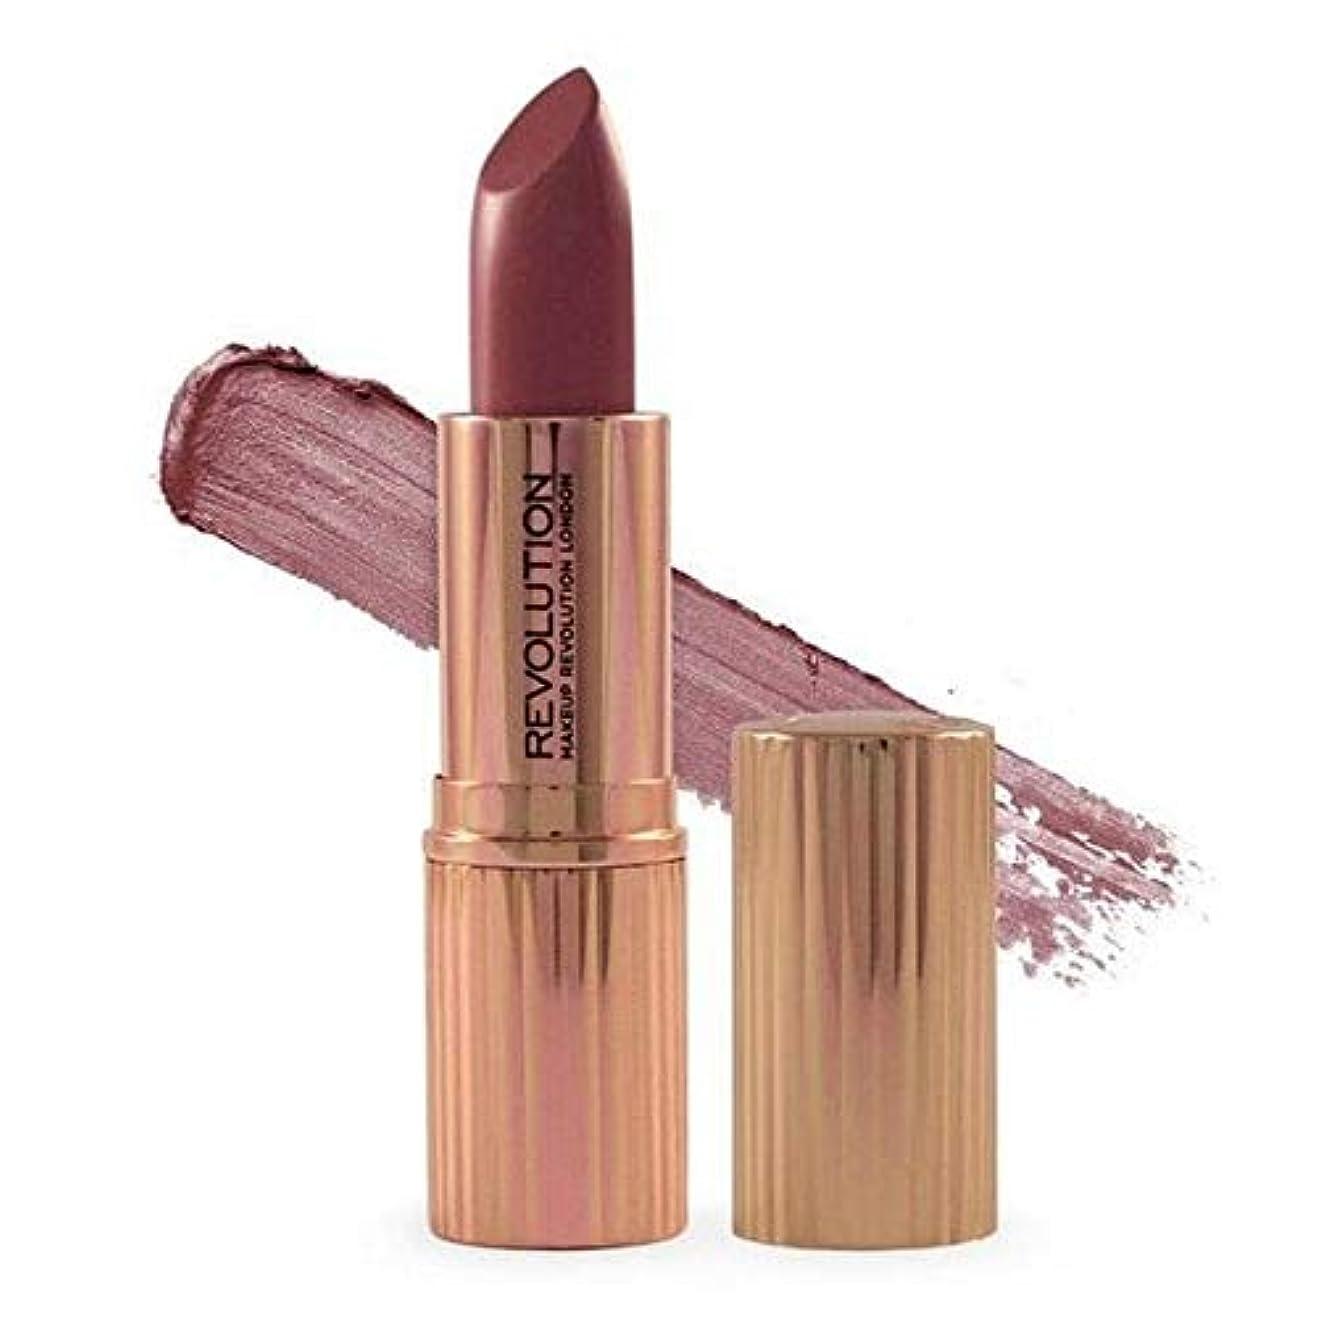 磁器汚れるのみ[Revolution ] 革命のルネサンス口紅更新 - Revolution Renaissance Lipstick Renew [並行輸入品]